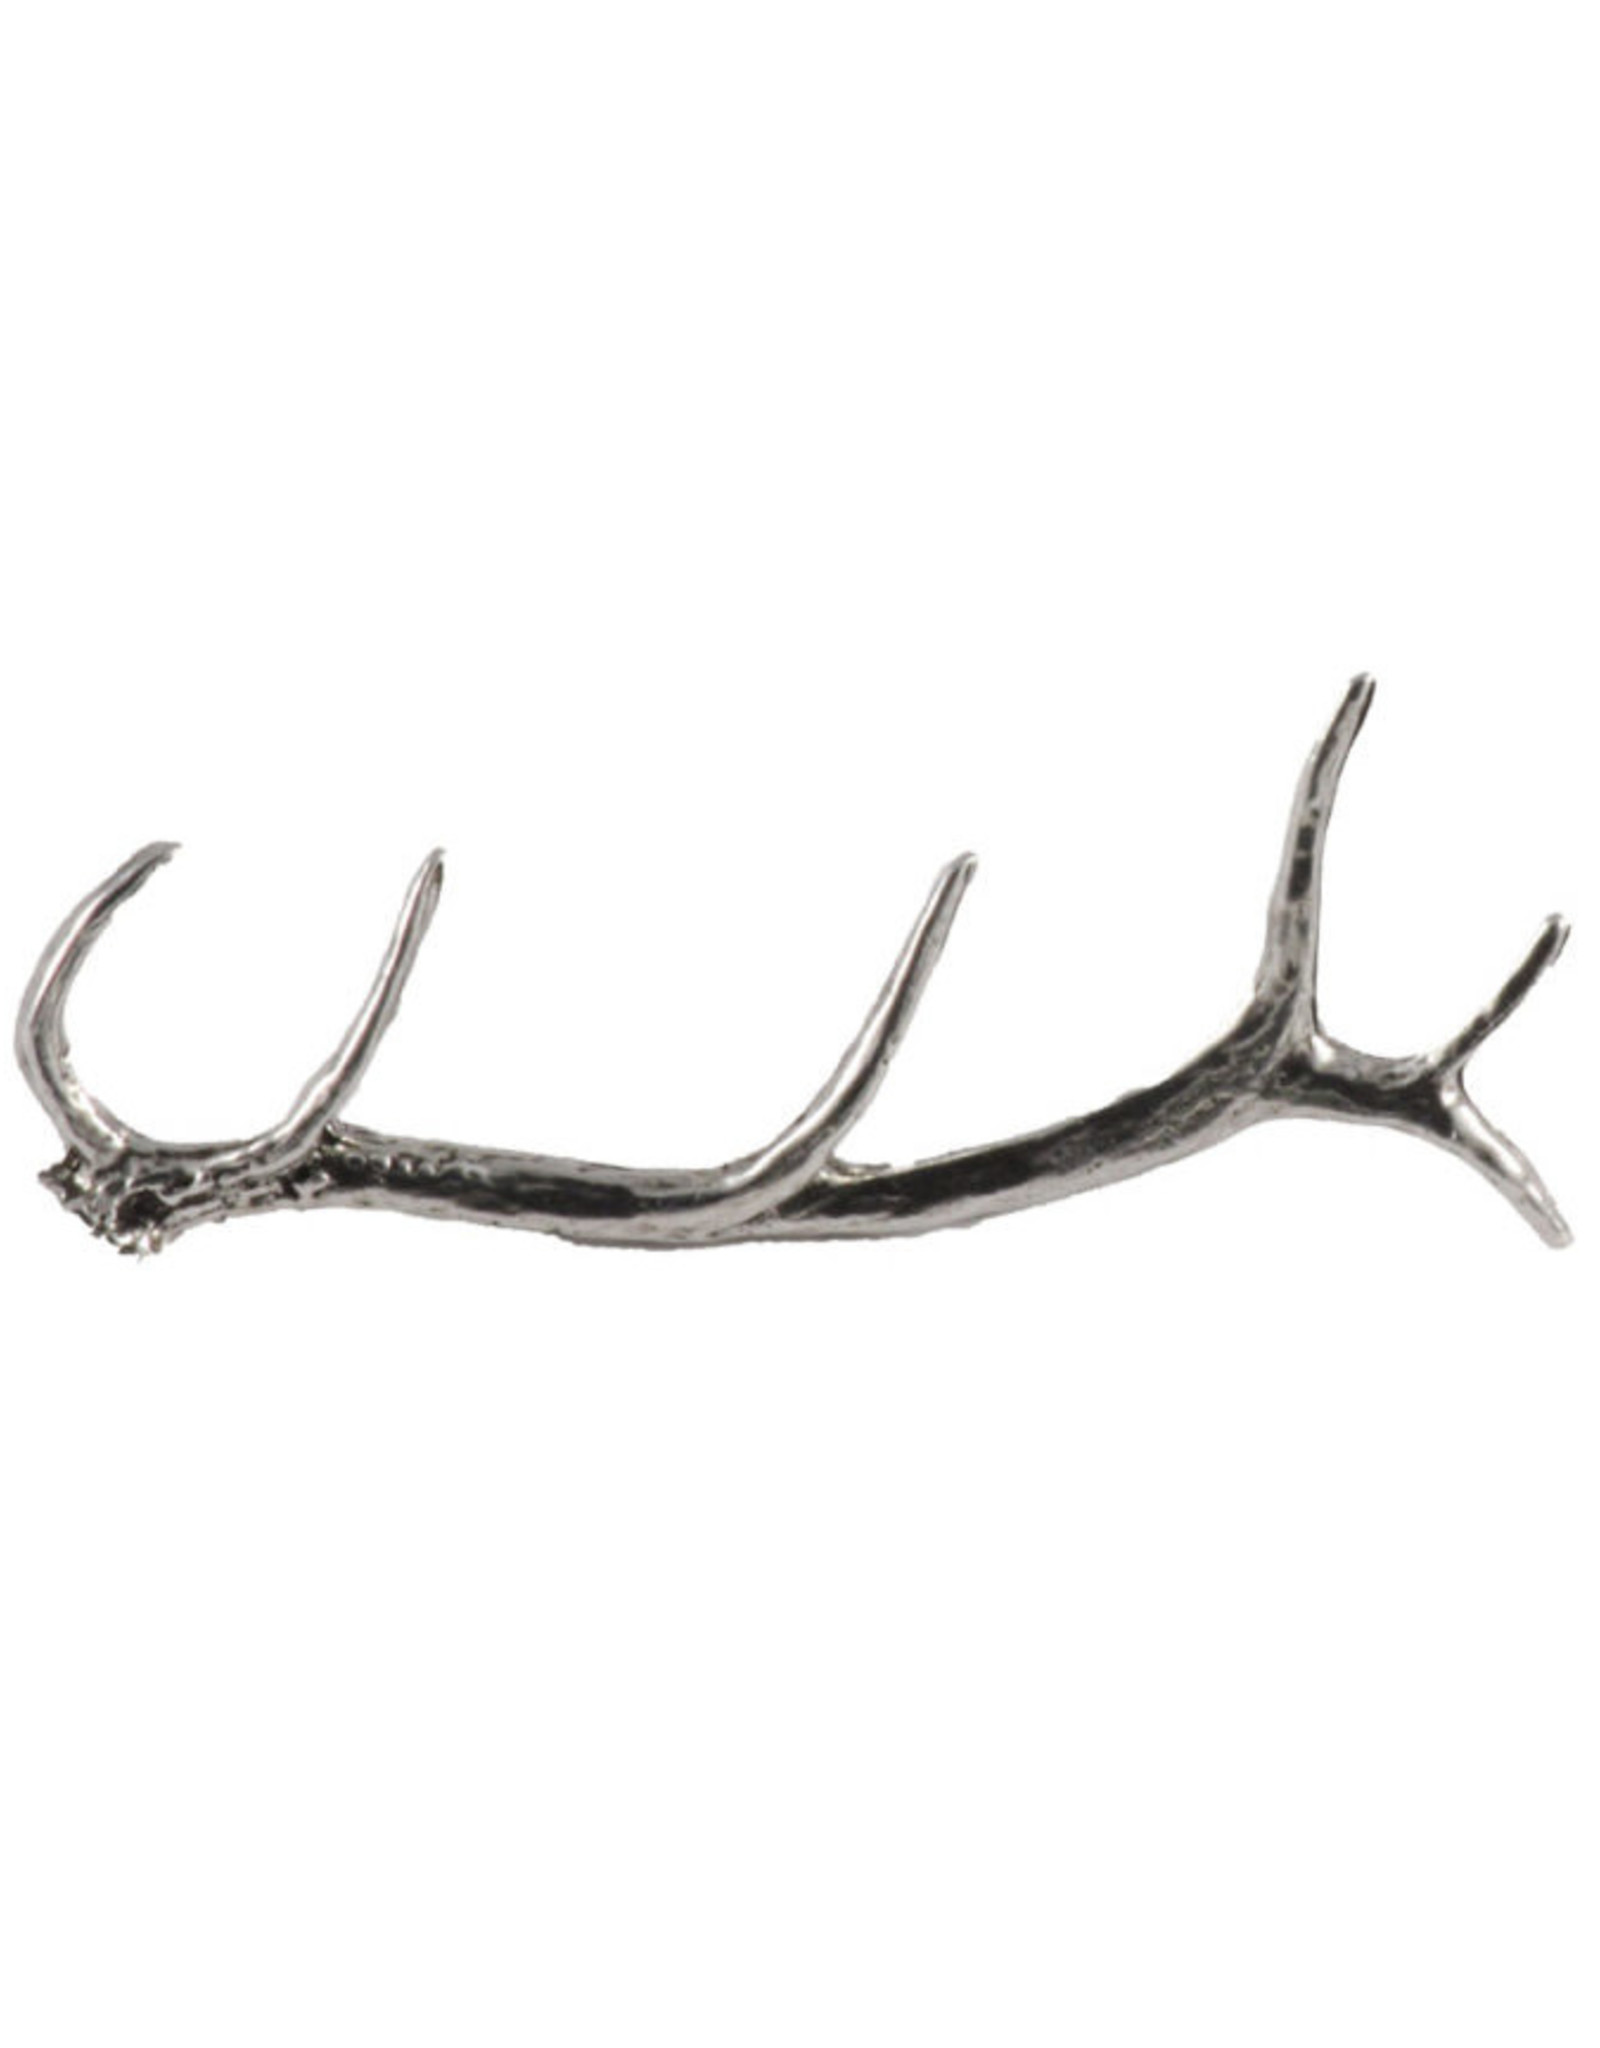 Pewter Elk Antler Shed Pin/Brooch